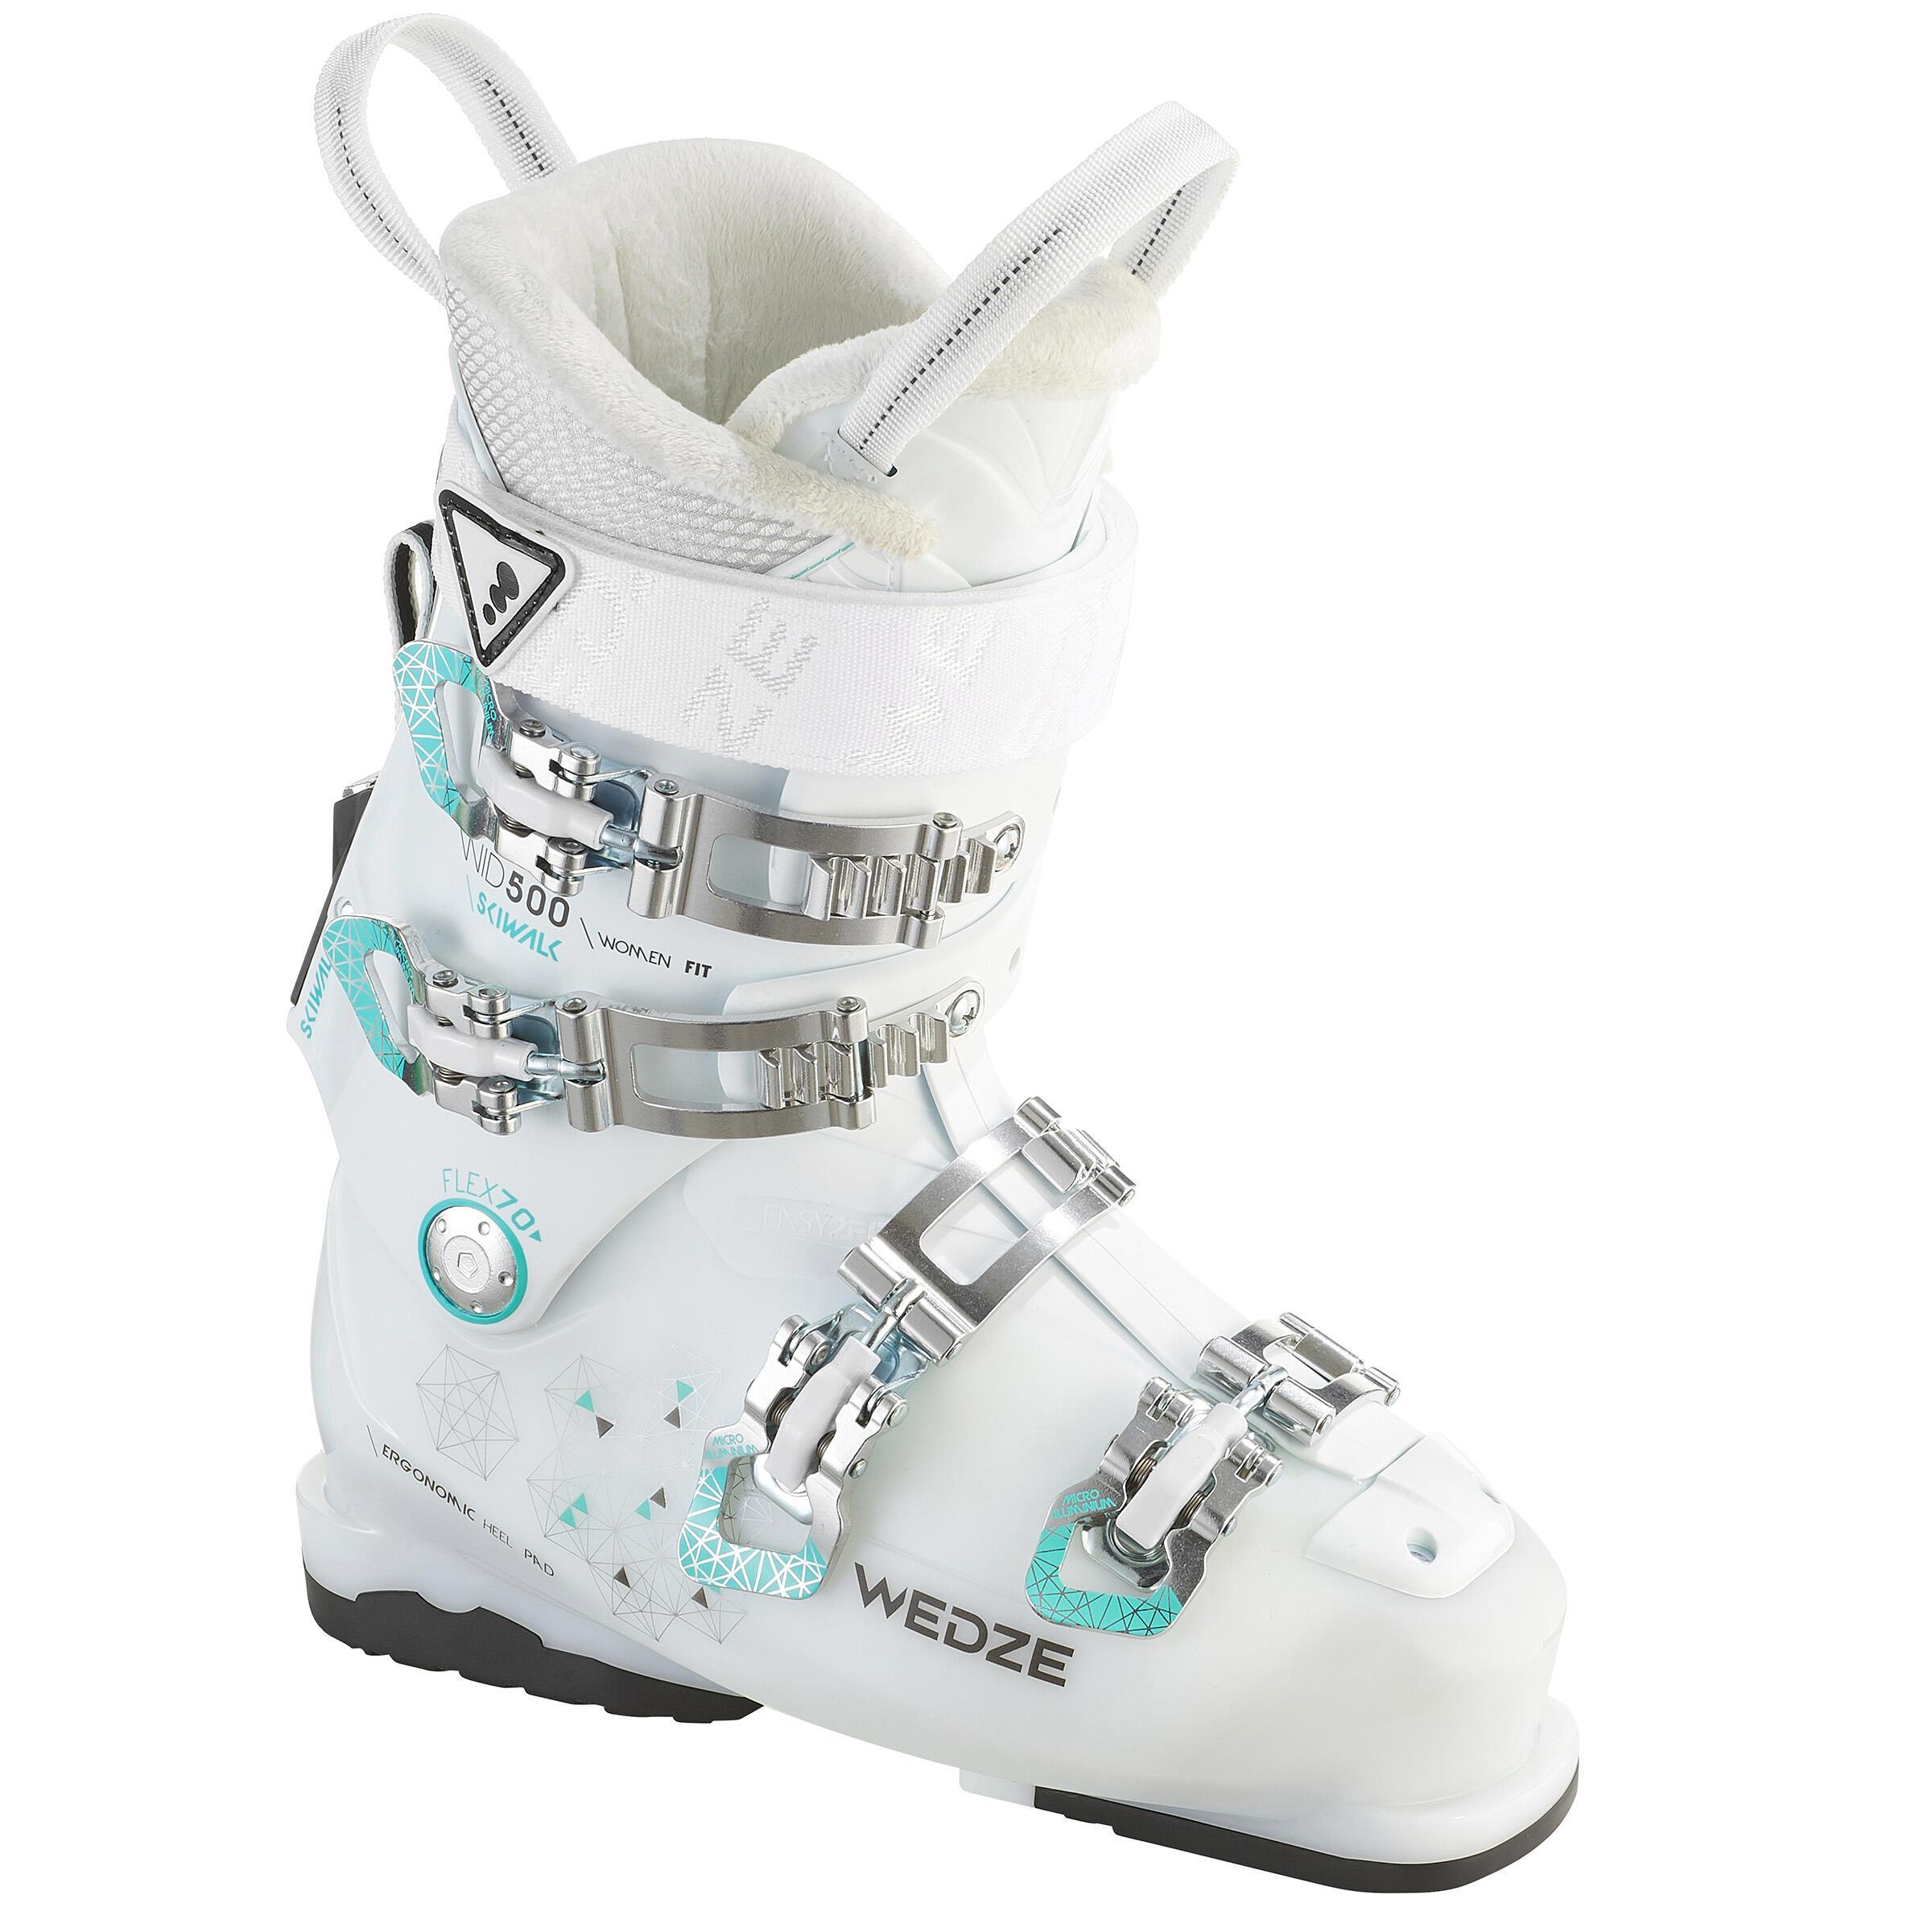 wed 39 ze chaussures de ski femme wid 500 decathlon. Black Bedroom Furniture Sets. Home Design Ideas